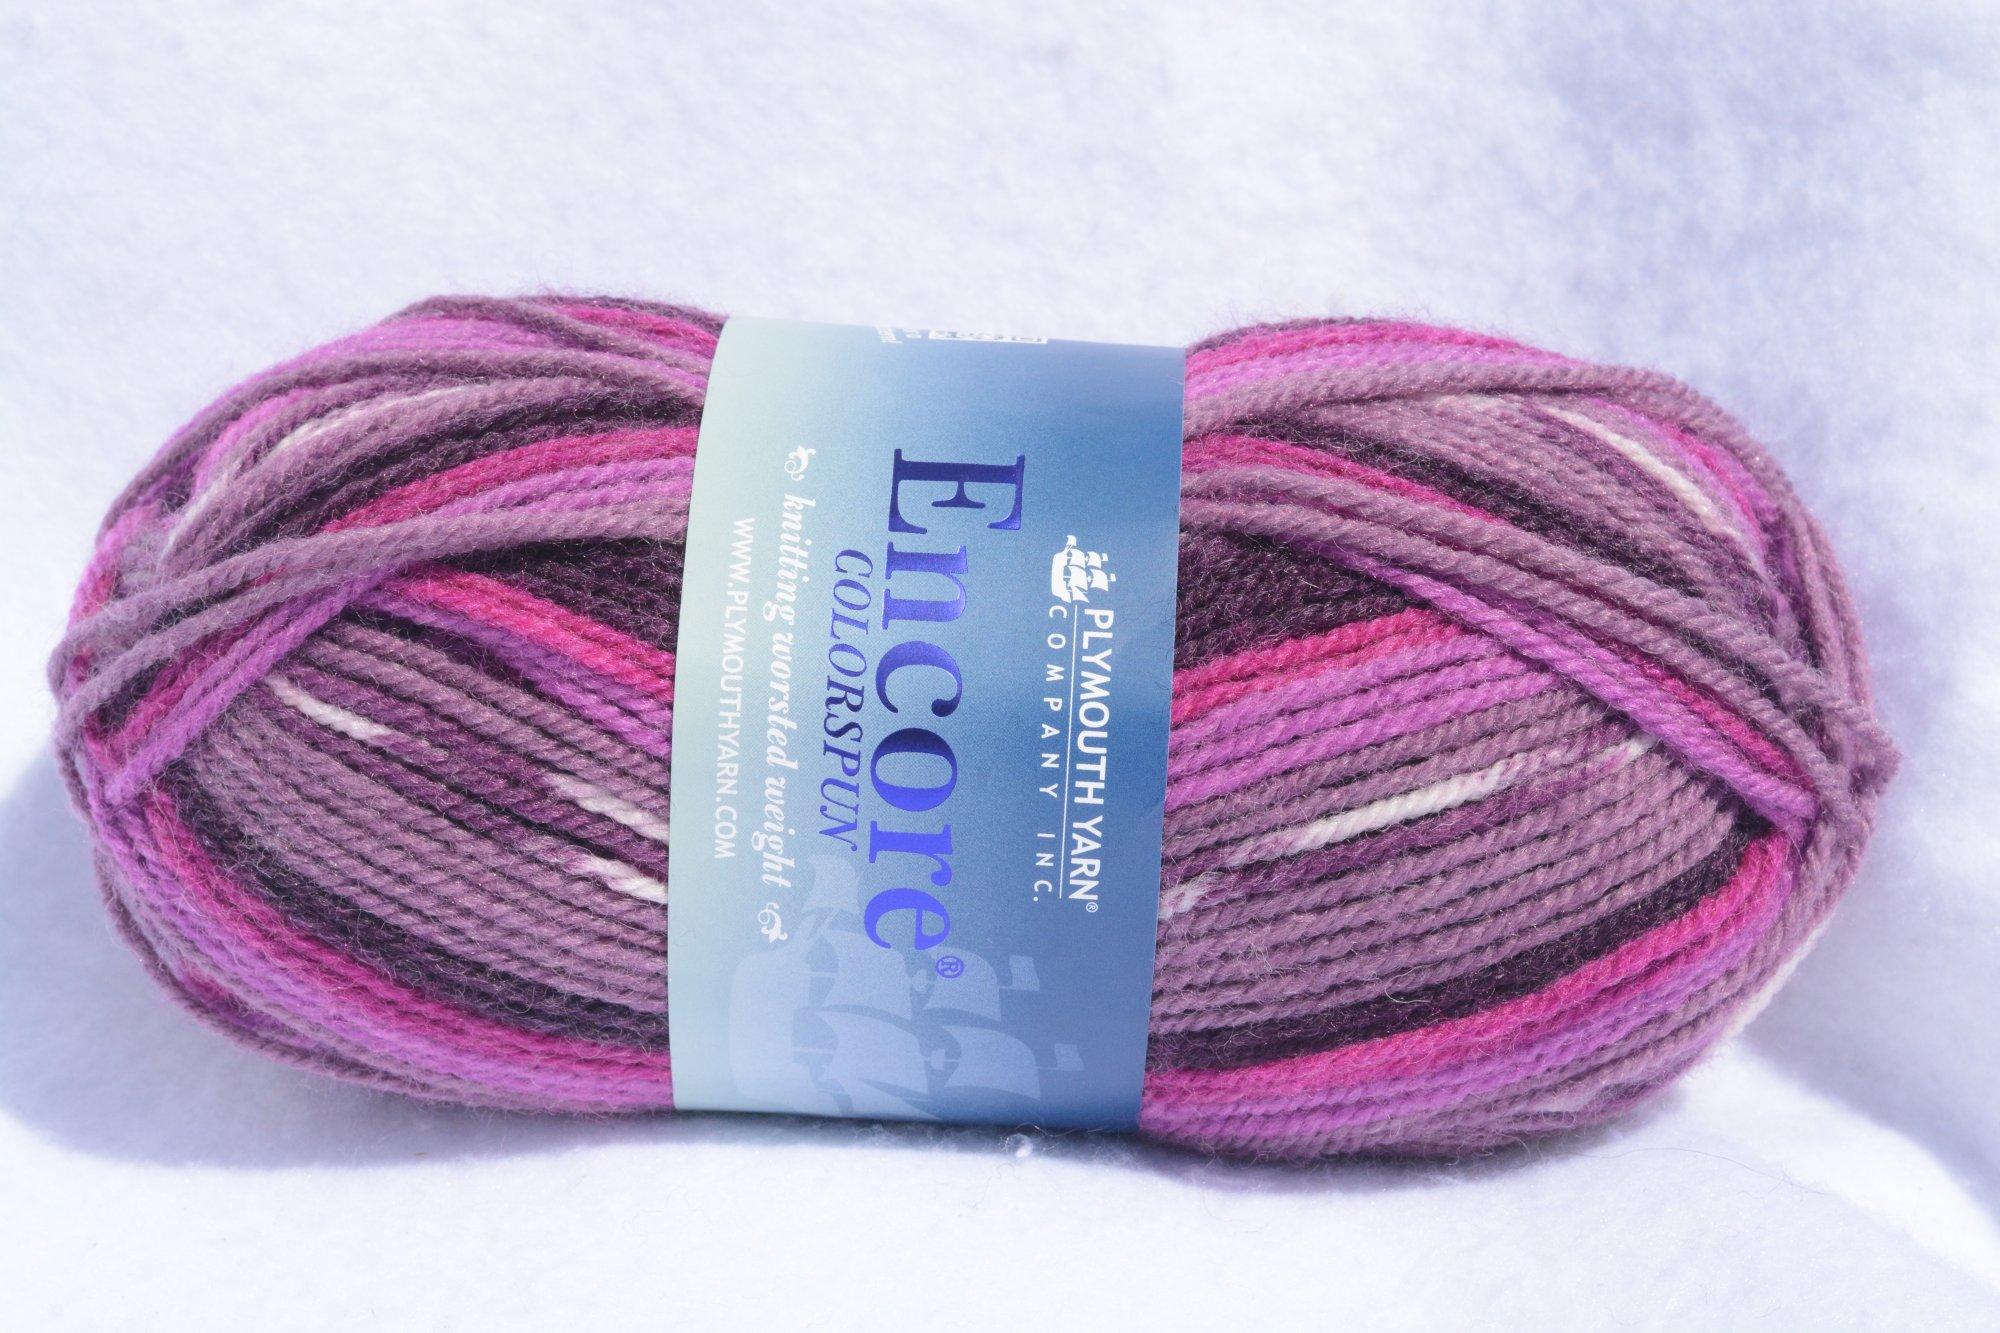 Encore Colorspun - Color 8198